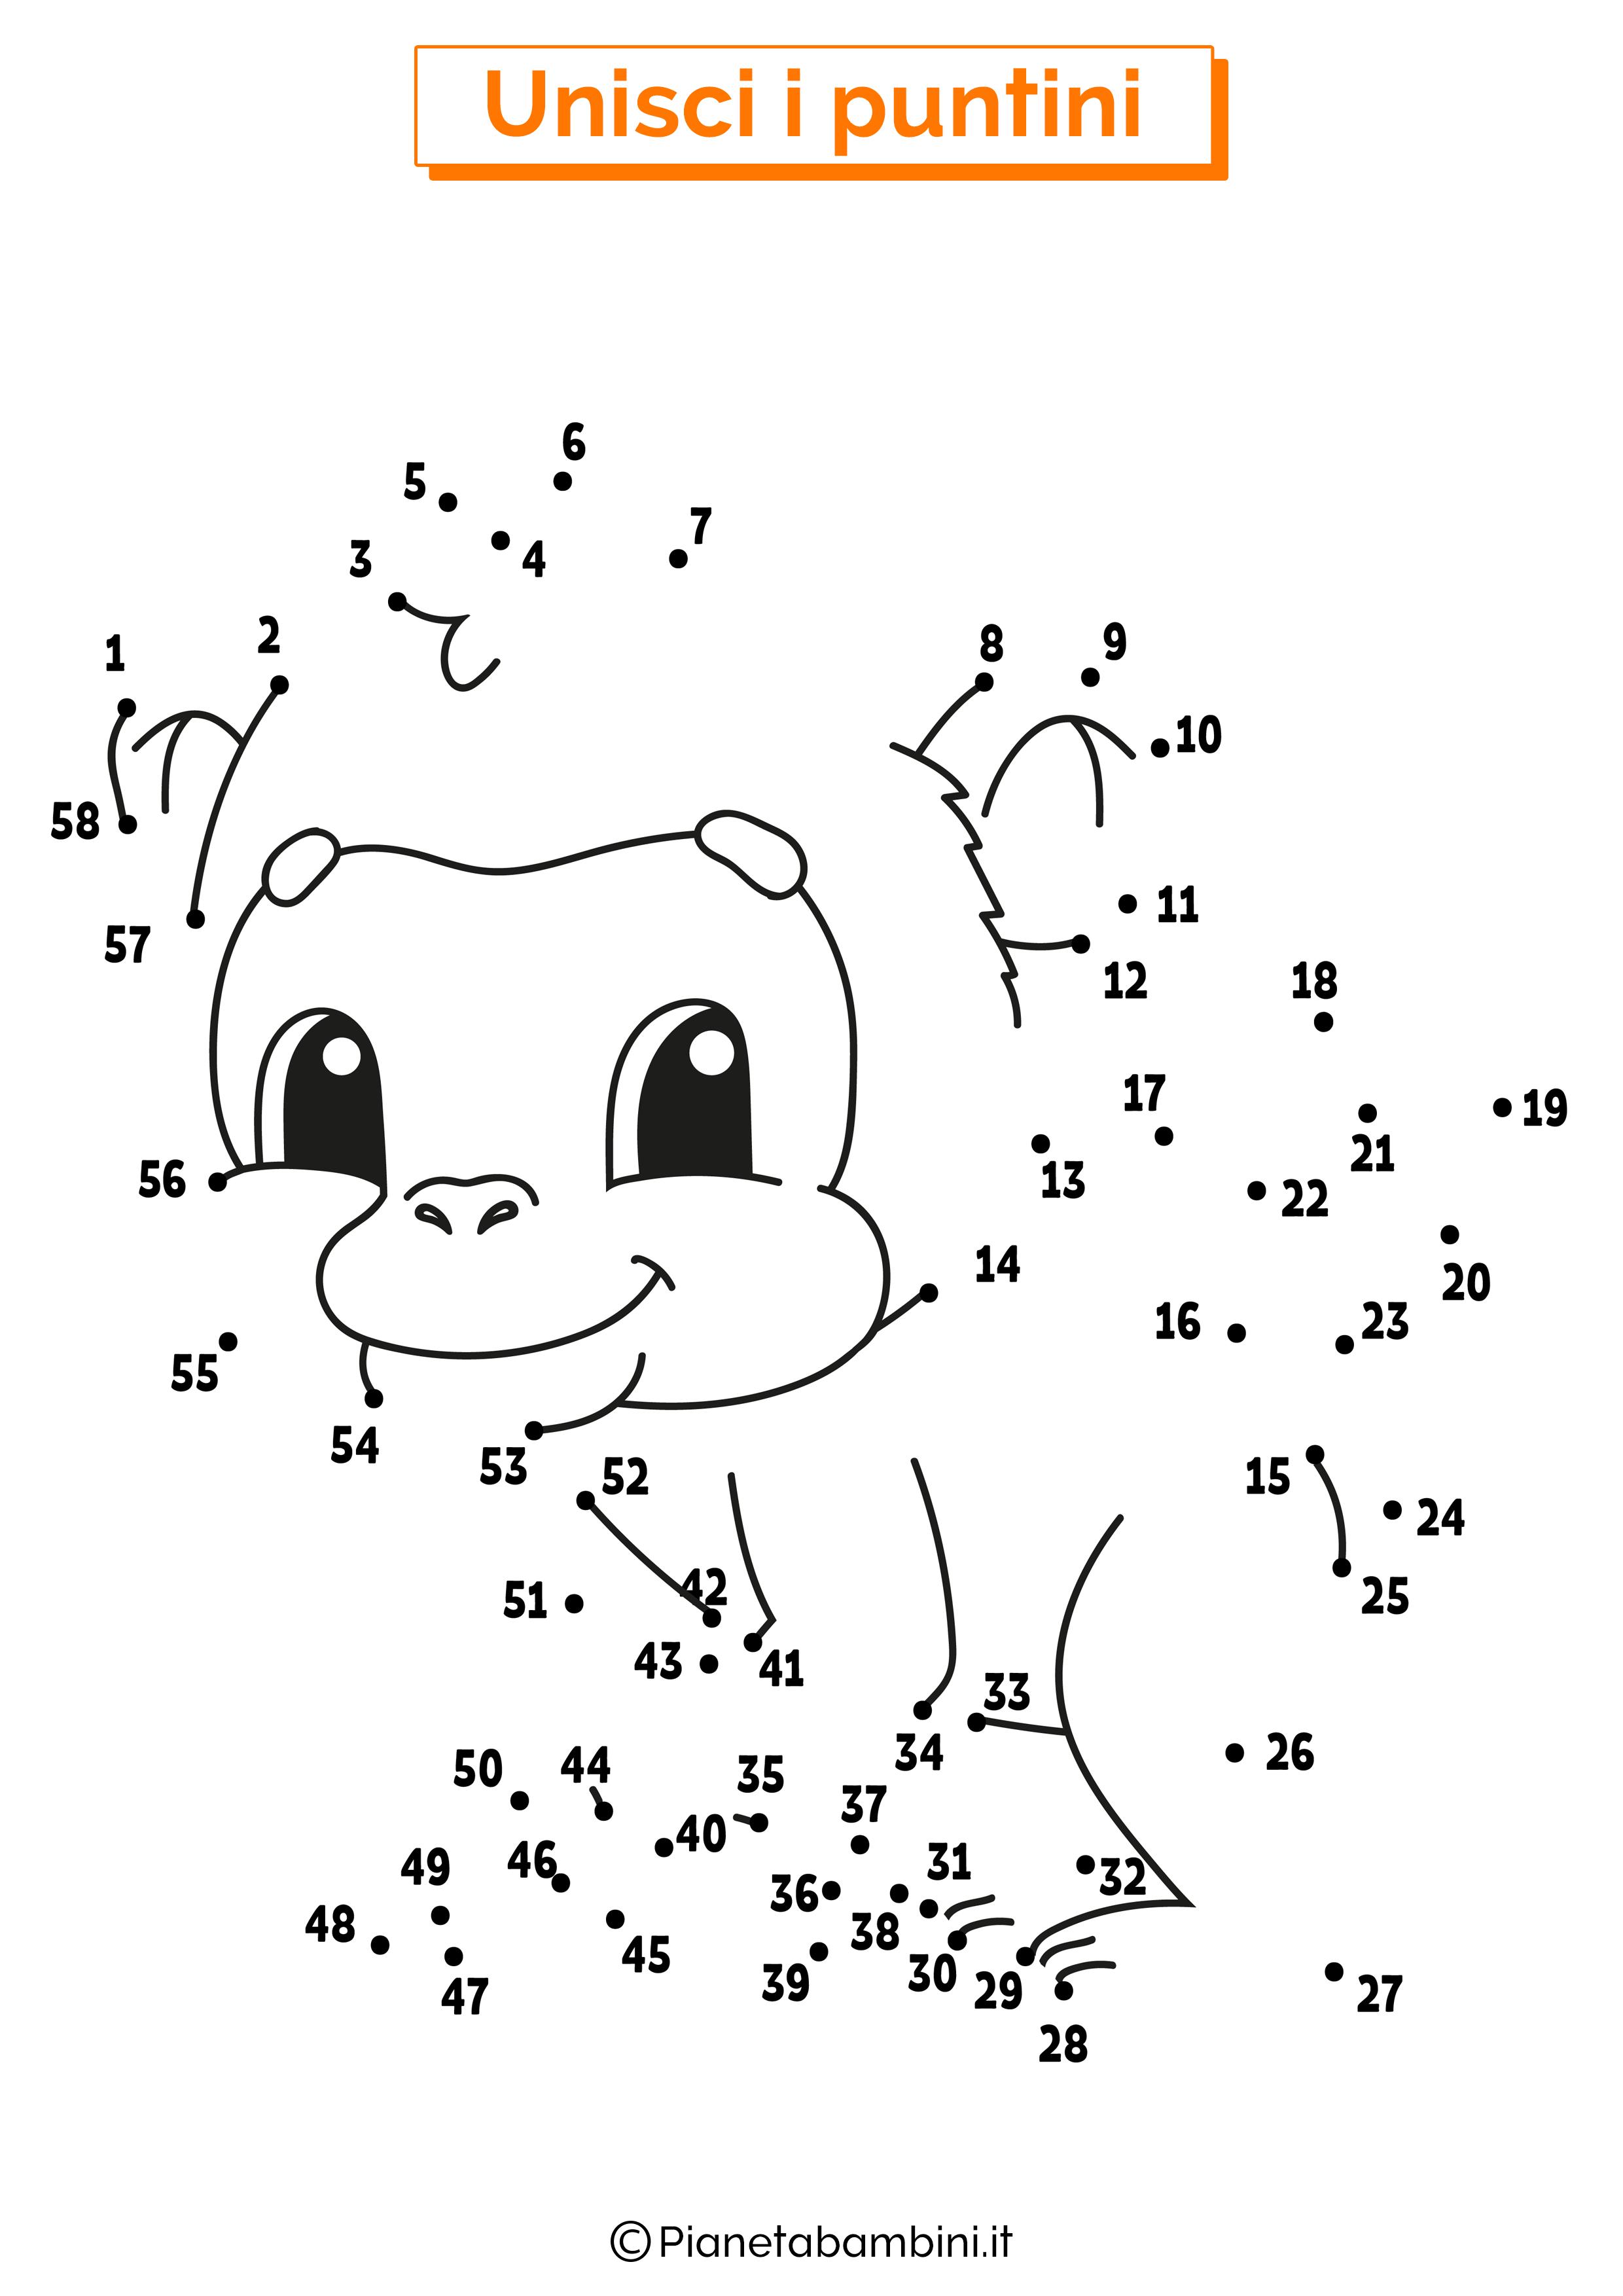 Disegno unisci i puntini da 1 a 50 scimmia